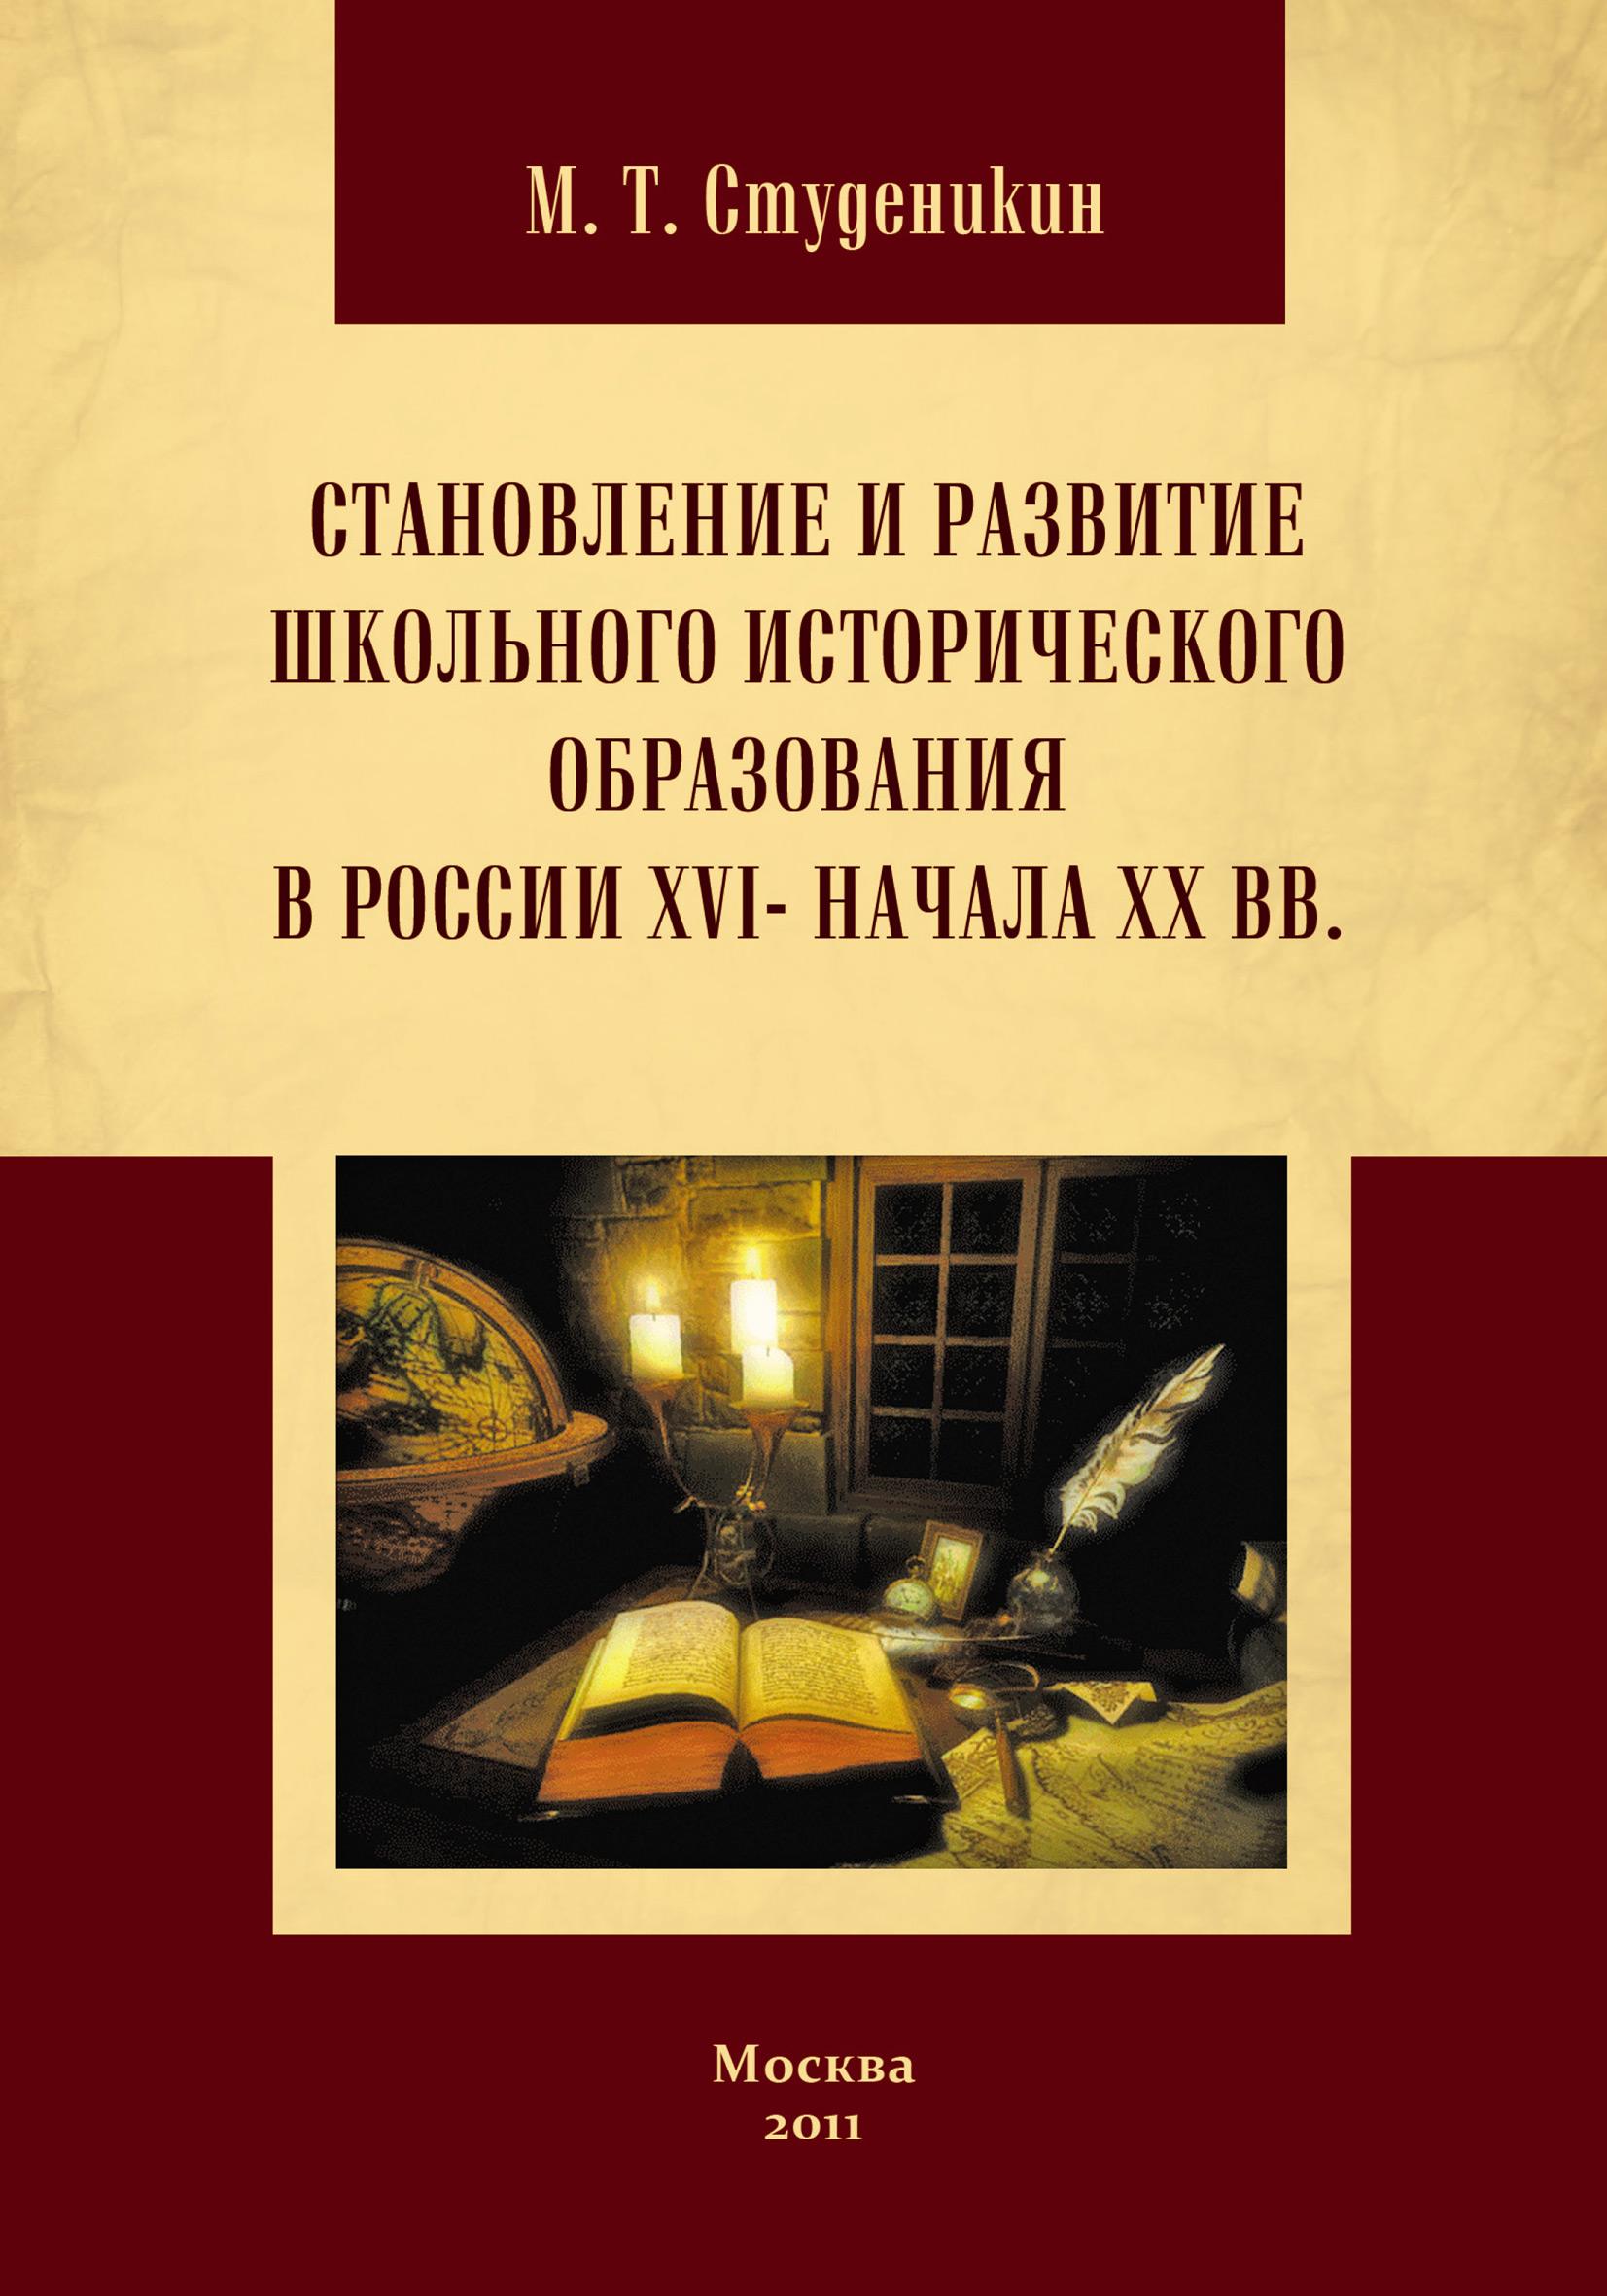 М. Т. Студеникин Становление и развитие школьного исторического образования в России ХVI – начала ХХ вв